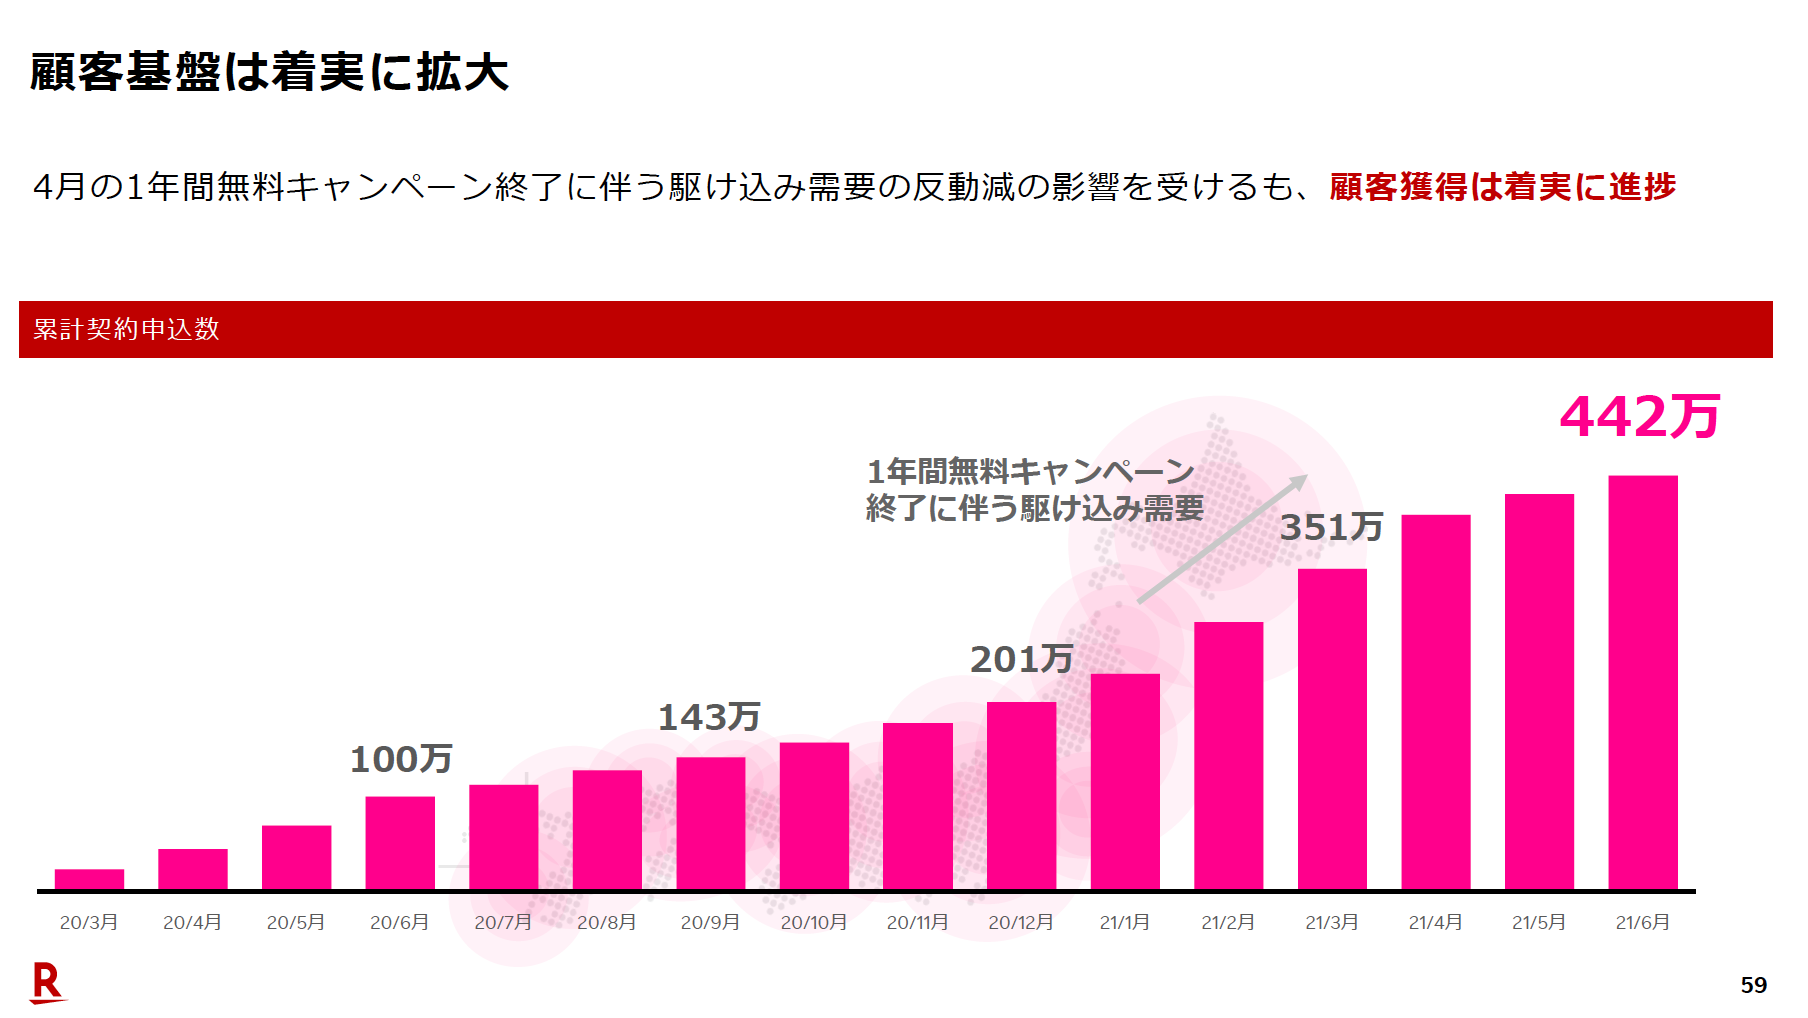 楽天モバイル累計契約申込者数(2021年6月)